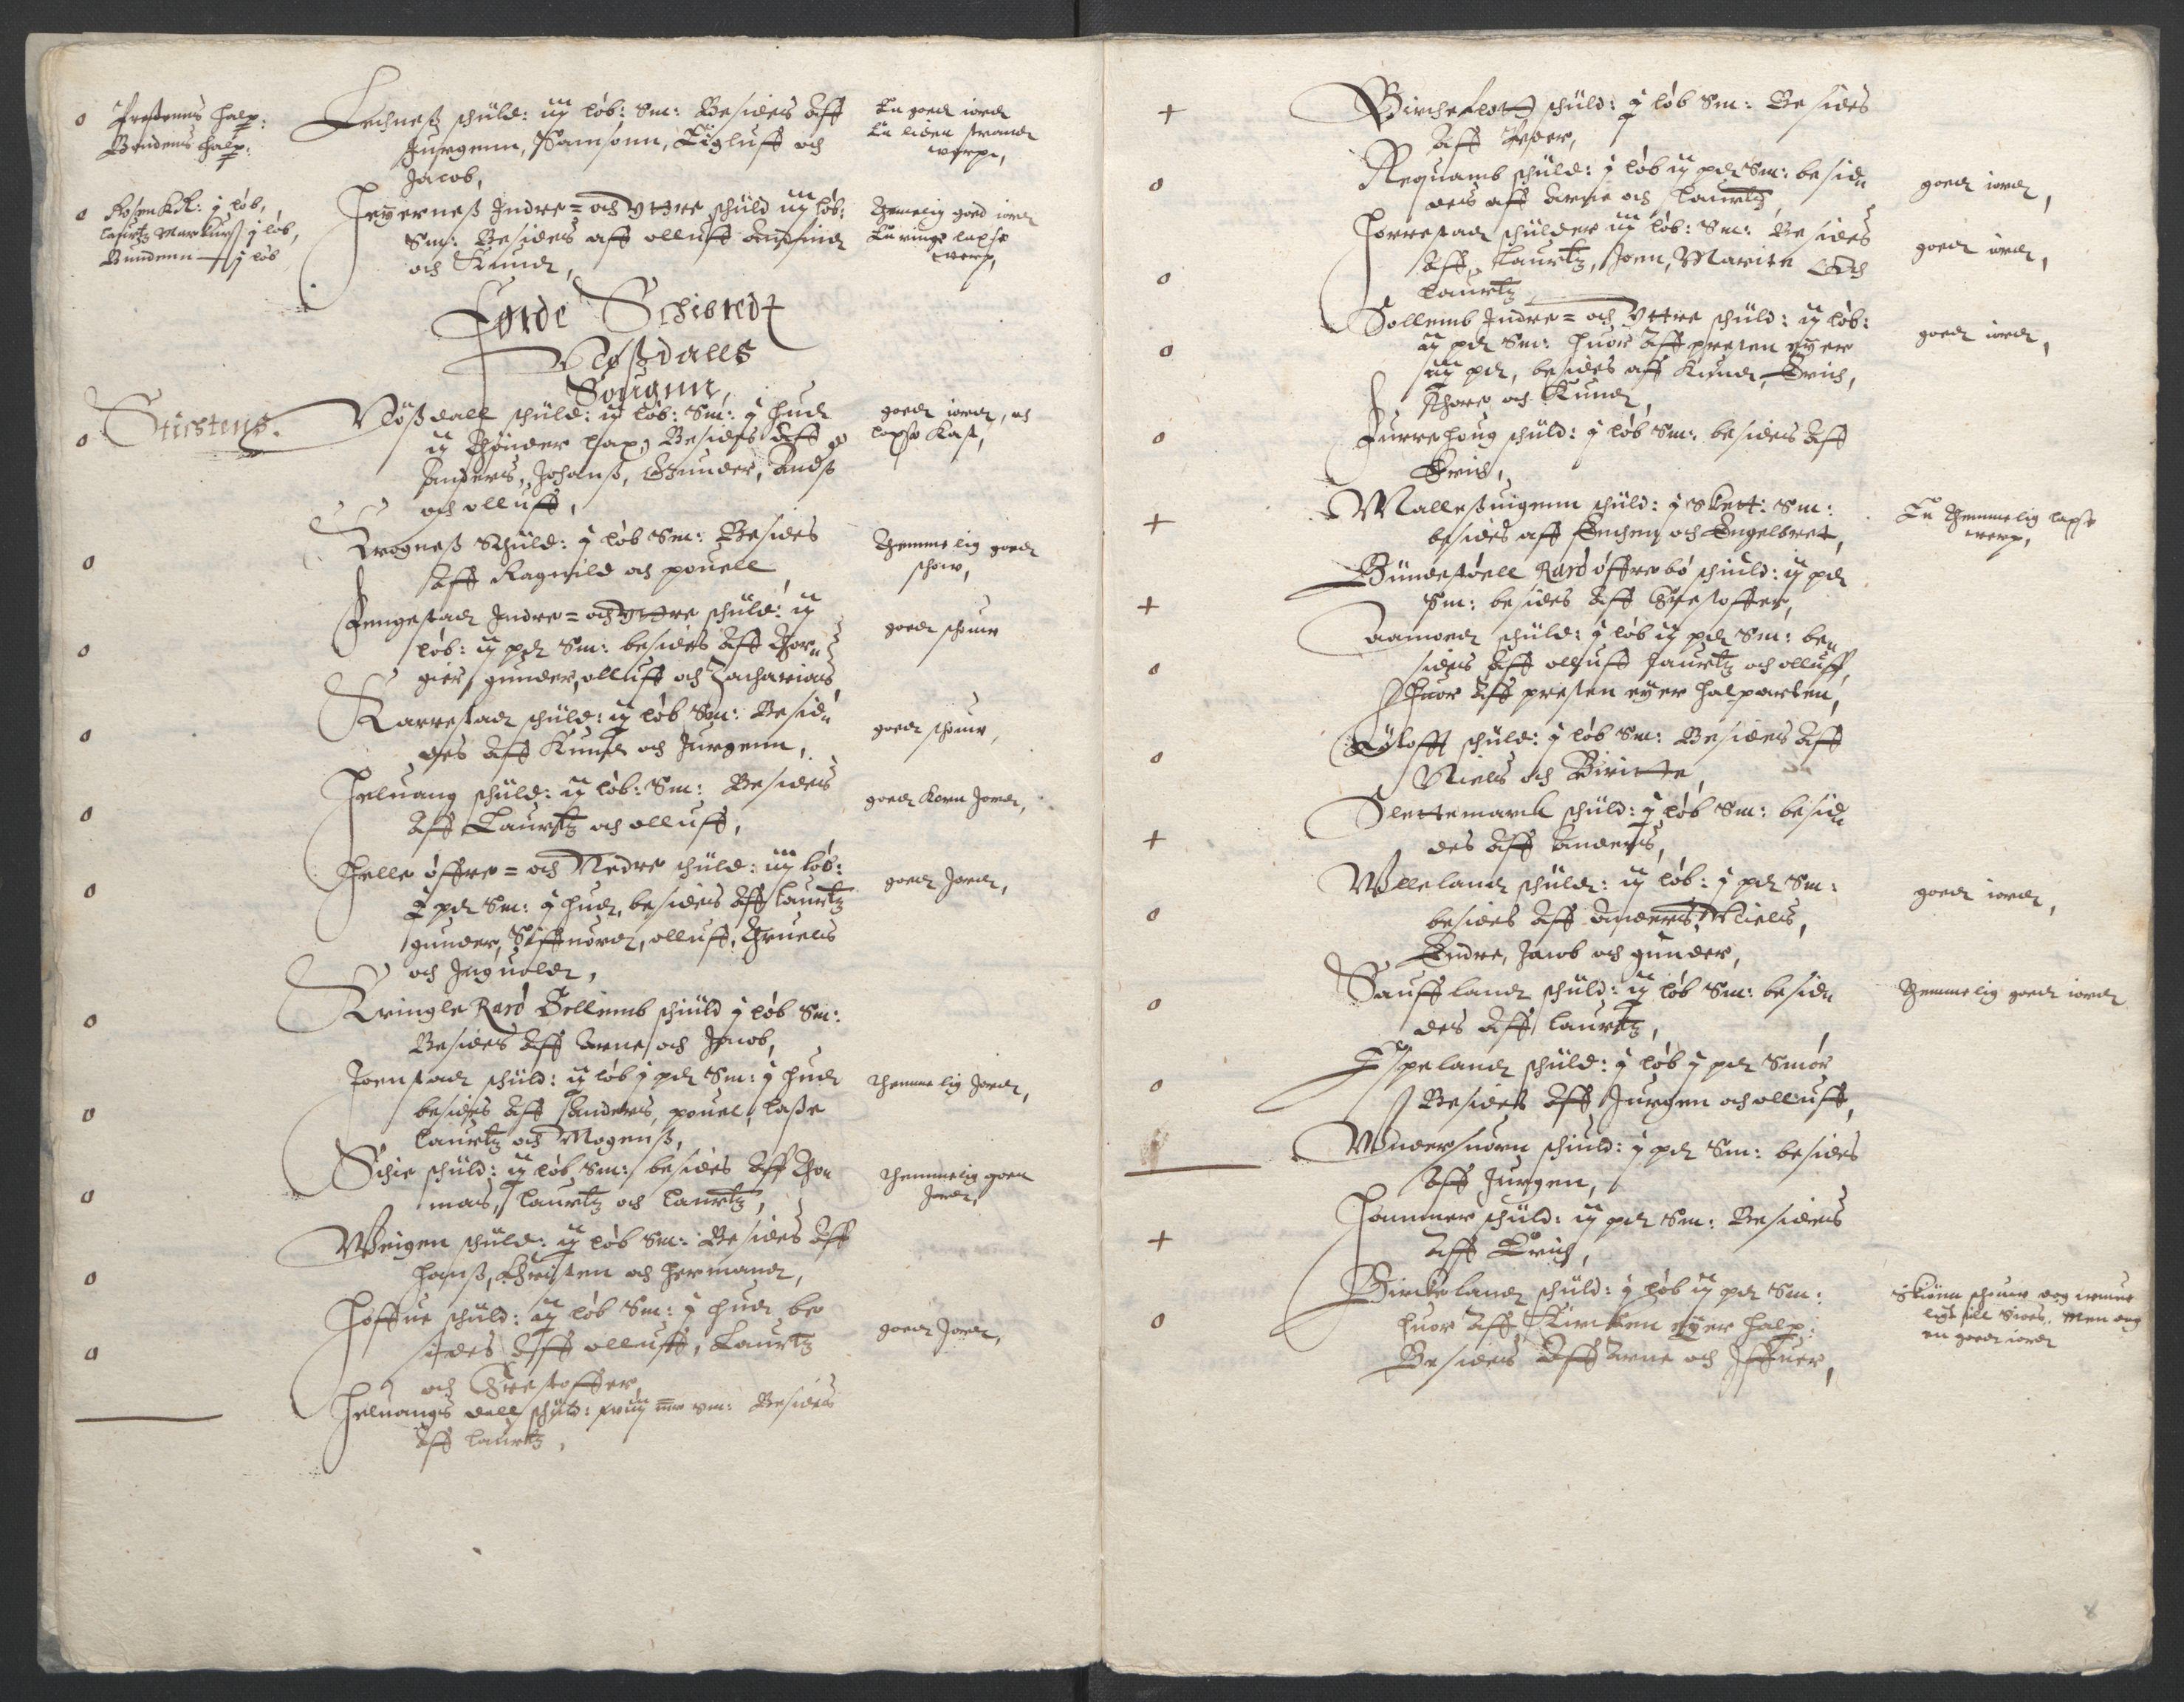 RA, Stattholderembetet 1572-1771, Ek/L0005: Jordebøker til utlikning av garnisonsskatt 1624-1626:, 1626, s. 10